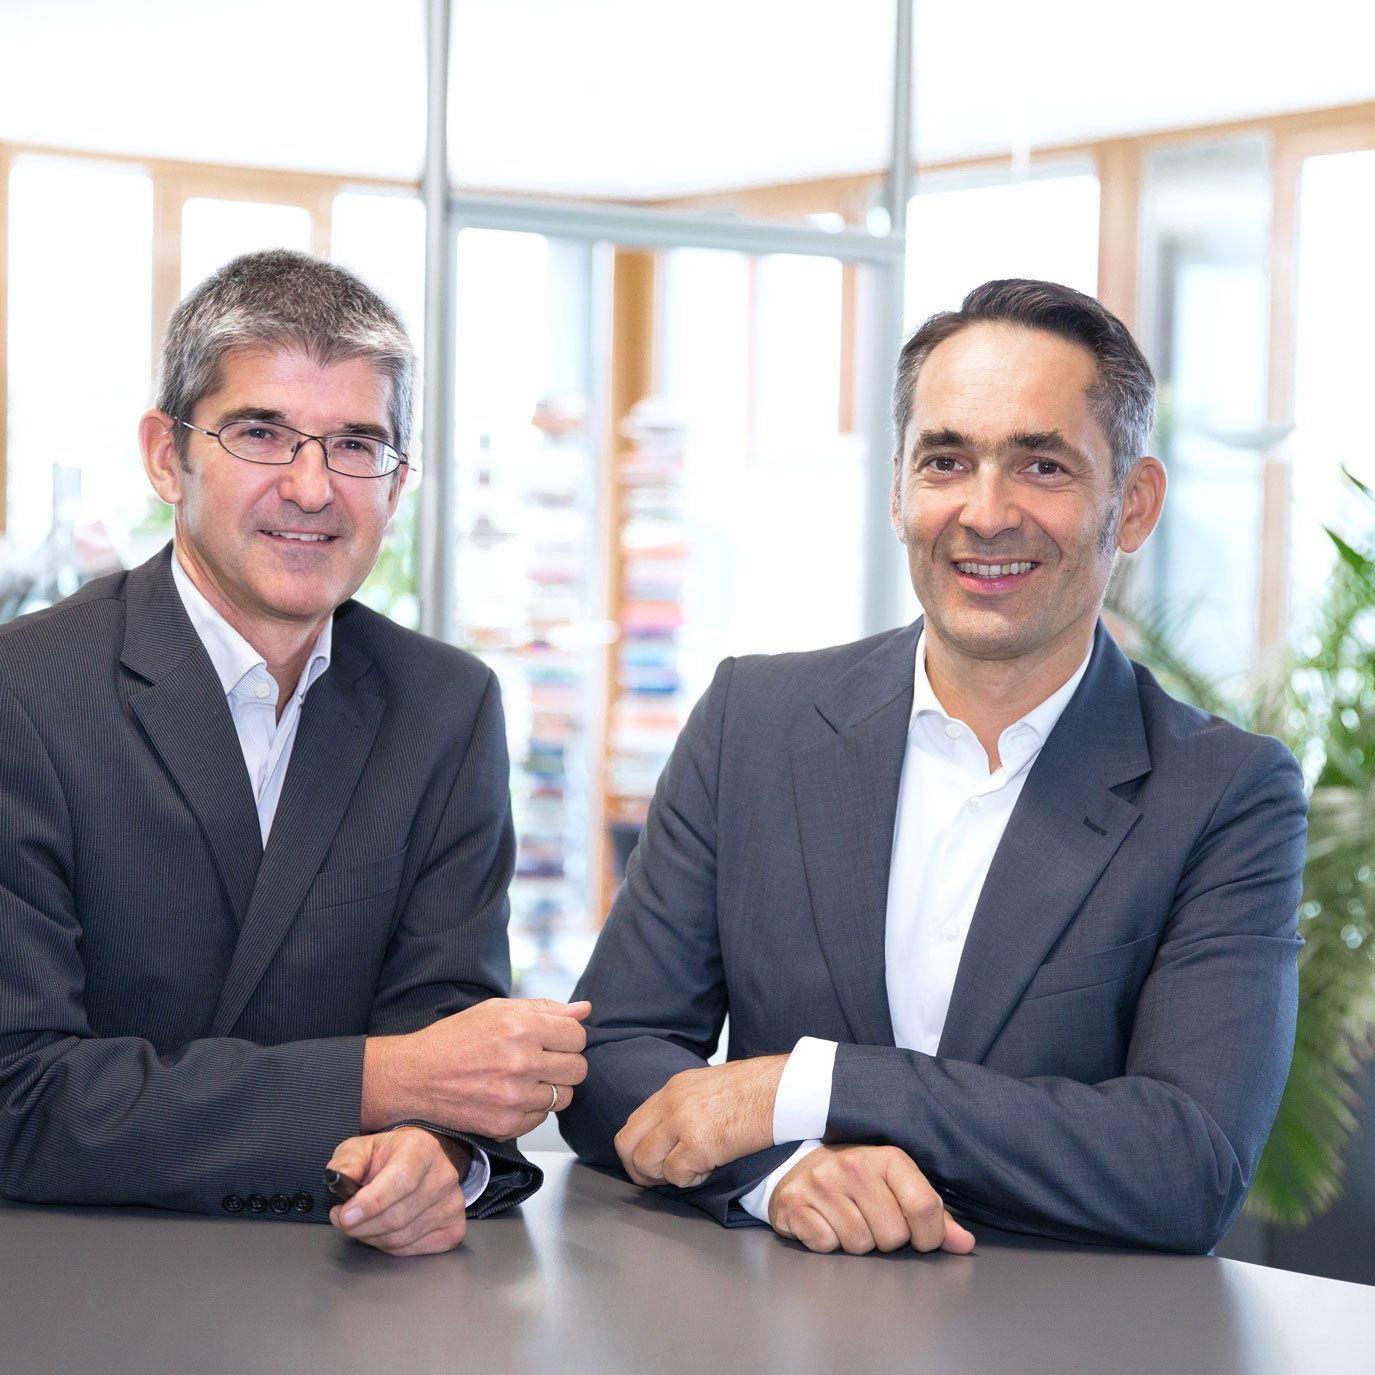 Geschäftsführer Rhomberg Holding: Ernst Thurnher und Hubert Rhomberg (v.l.n.r.)